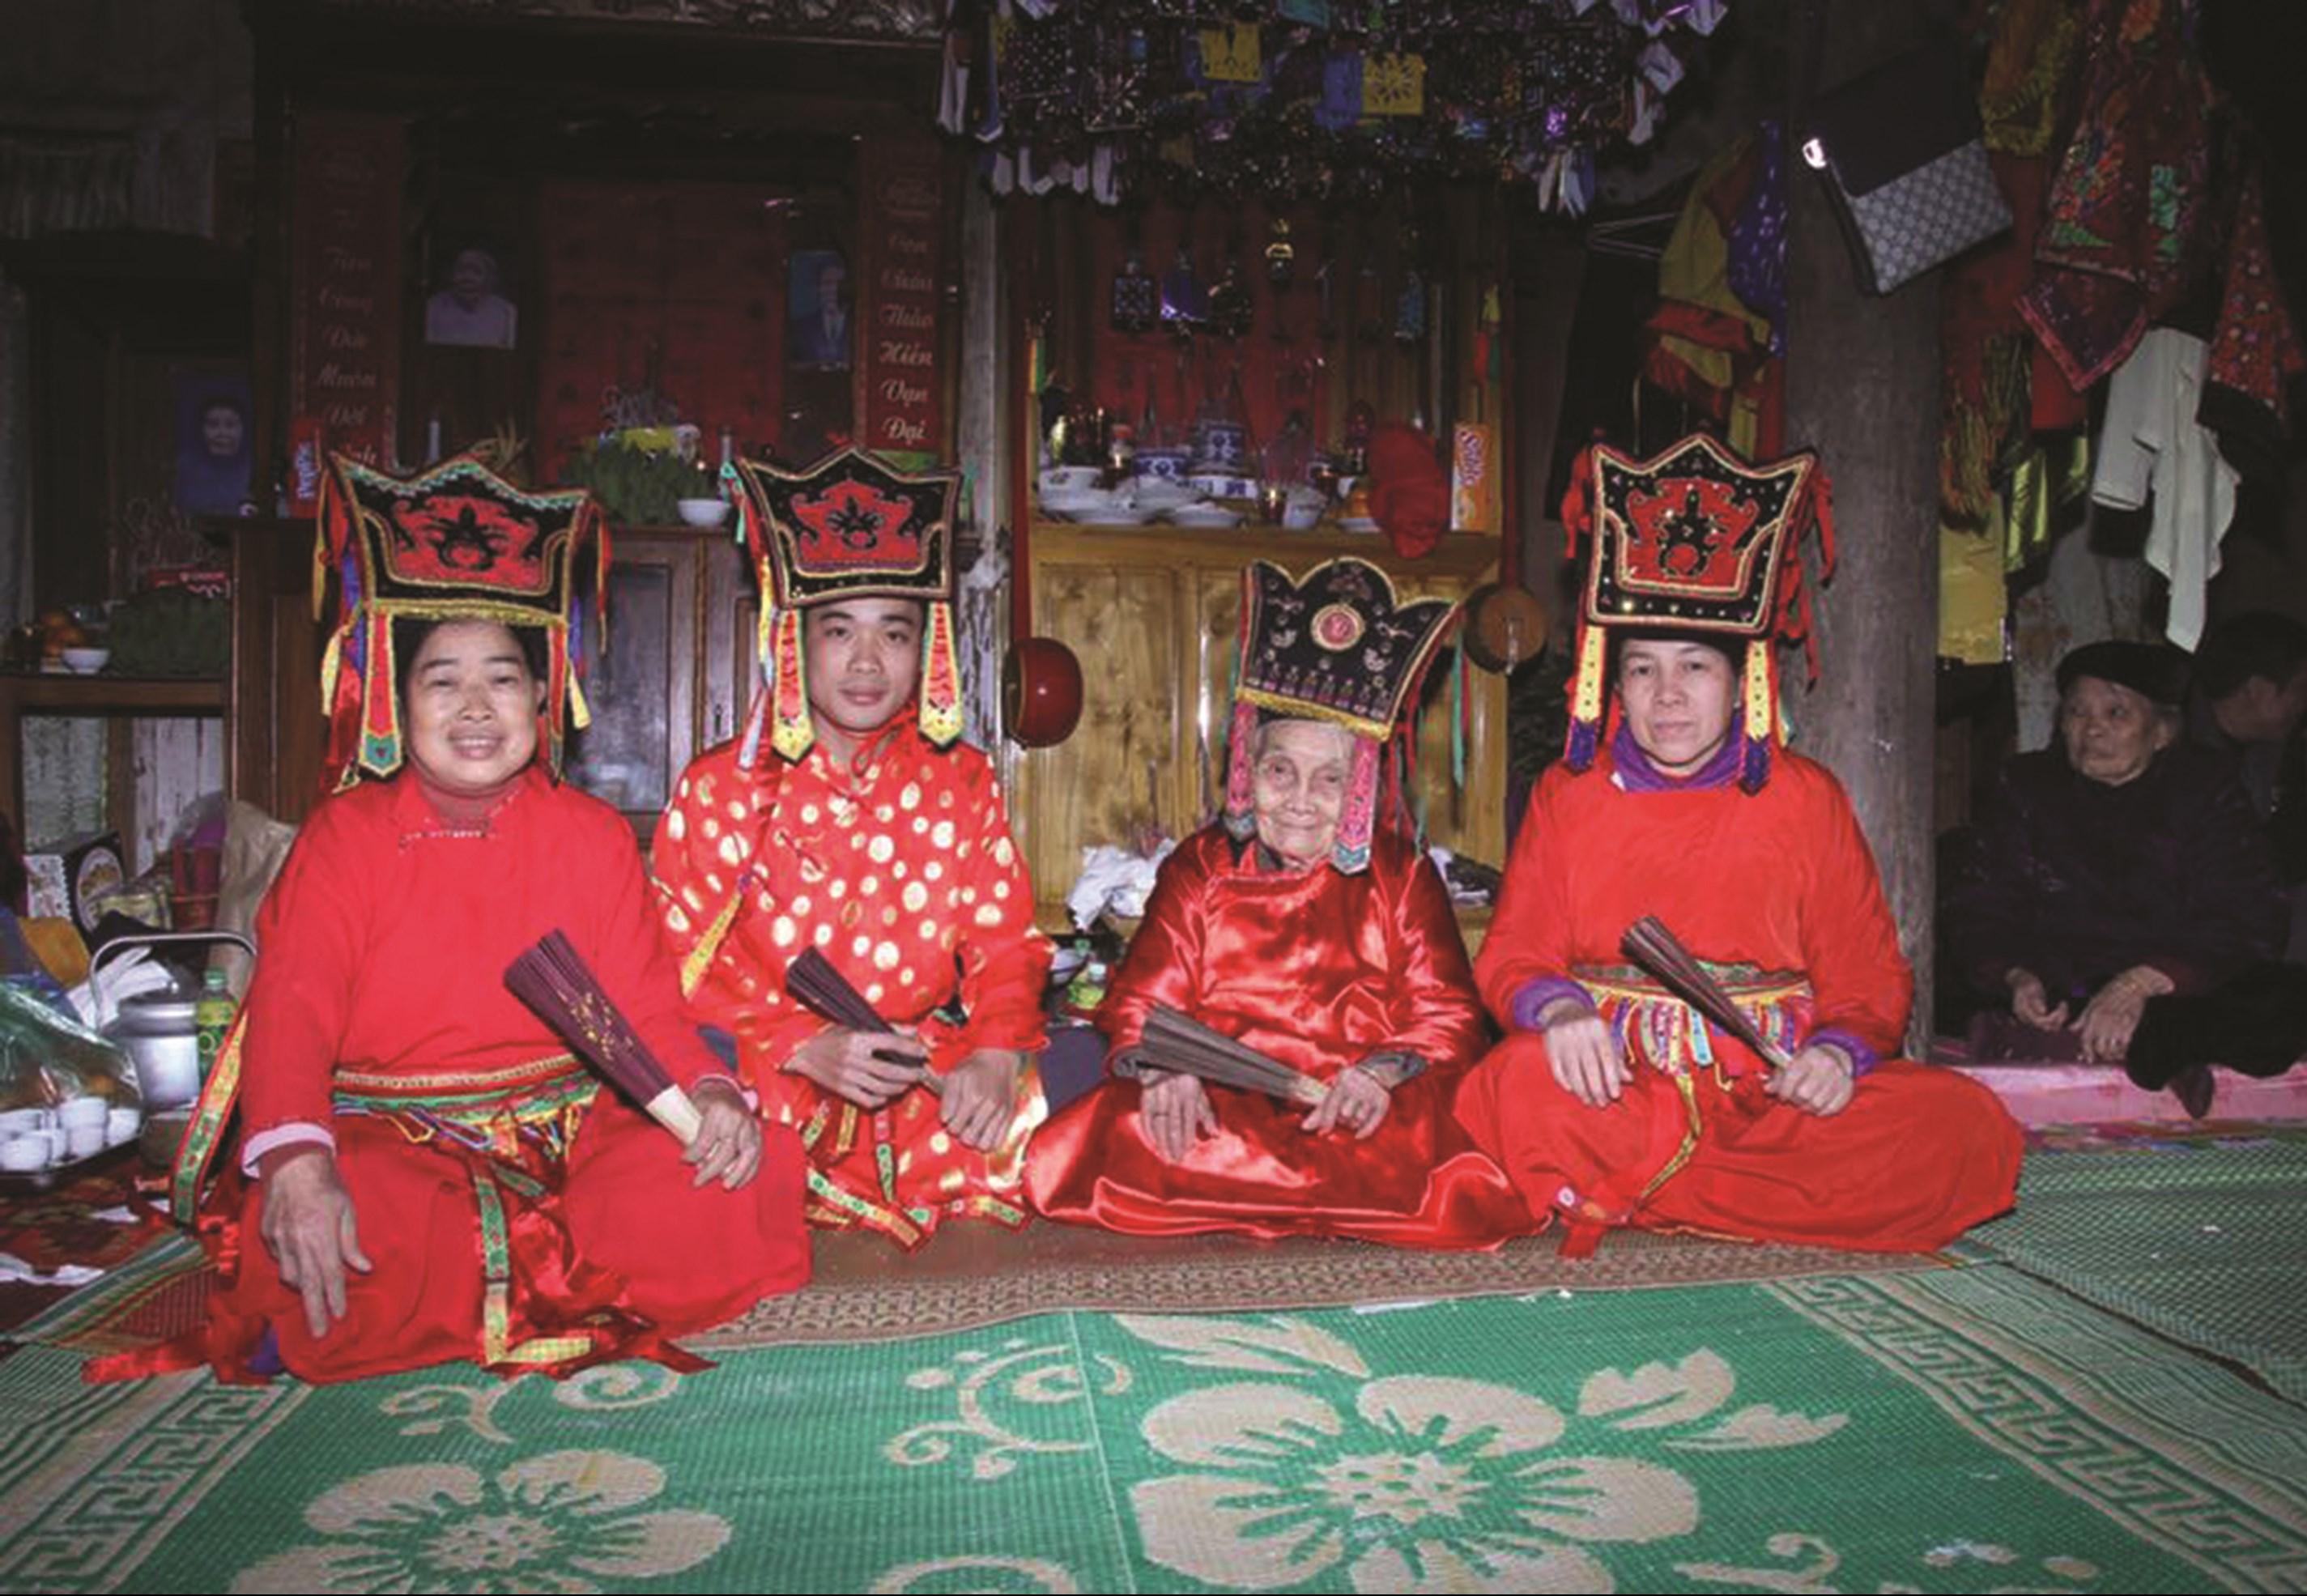 Nghệ nhân Nhân dân Then Mỗ Thị Kịt, sinh năm 1922, dân tộc Tày - một trong những nghệ nhân Then cao tuổi nhất, chụp ảnh cùng đệ tử (ngồi thứ 3 từ trái sang phải)